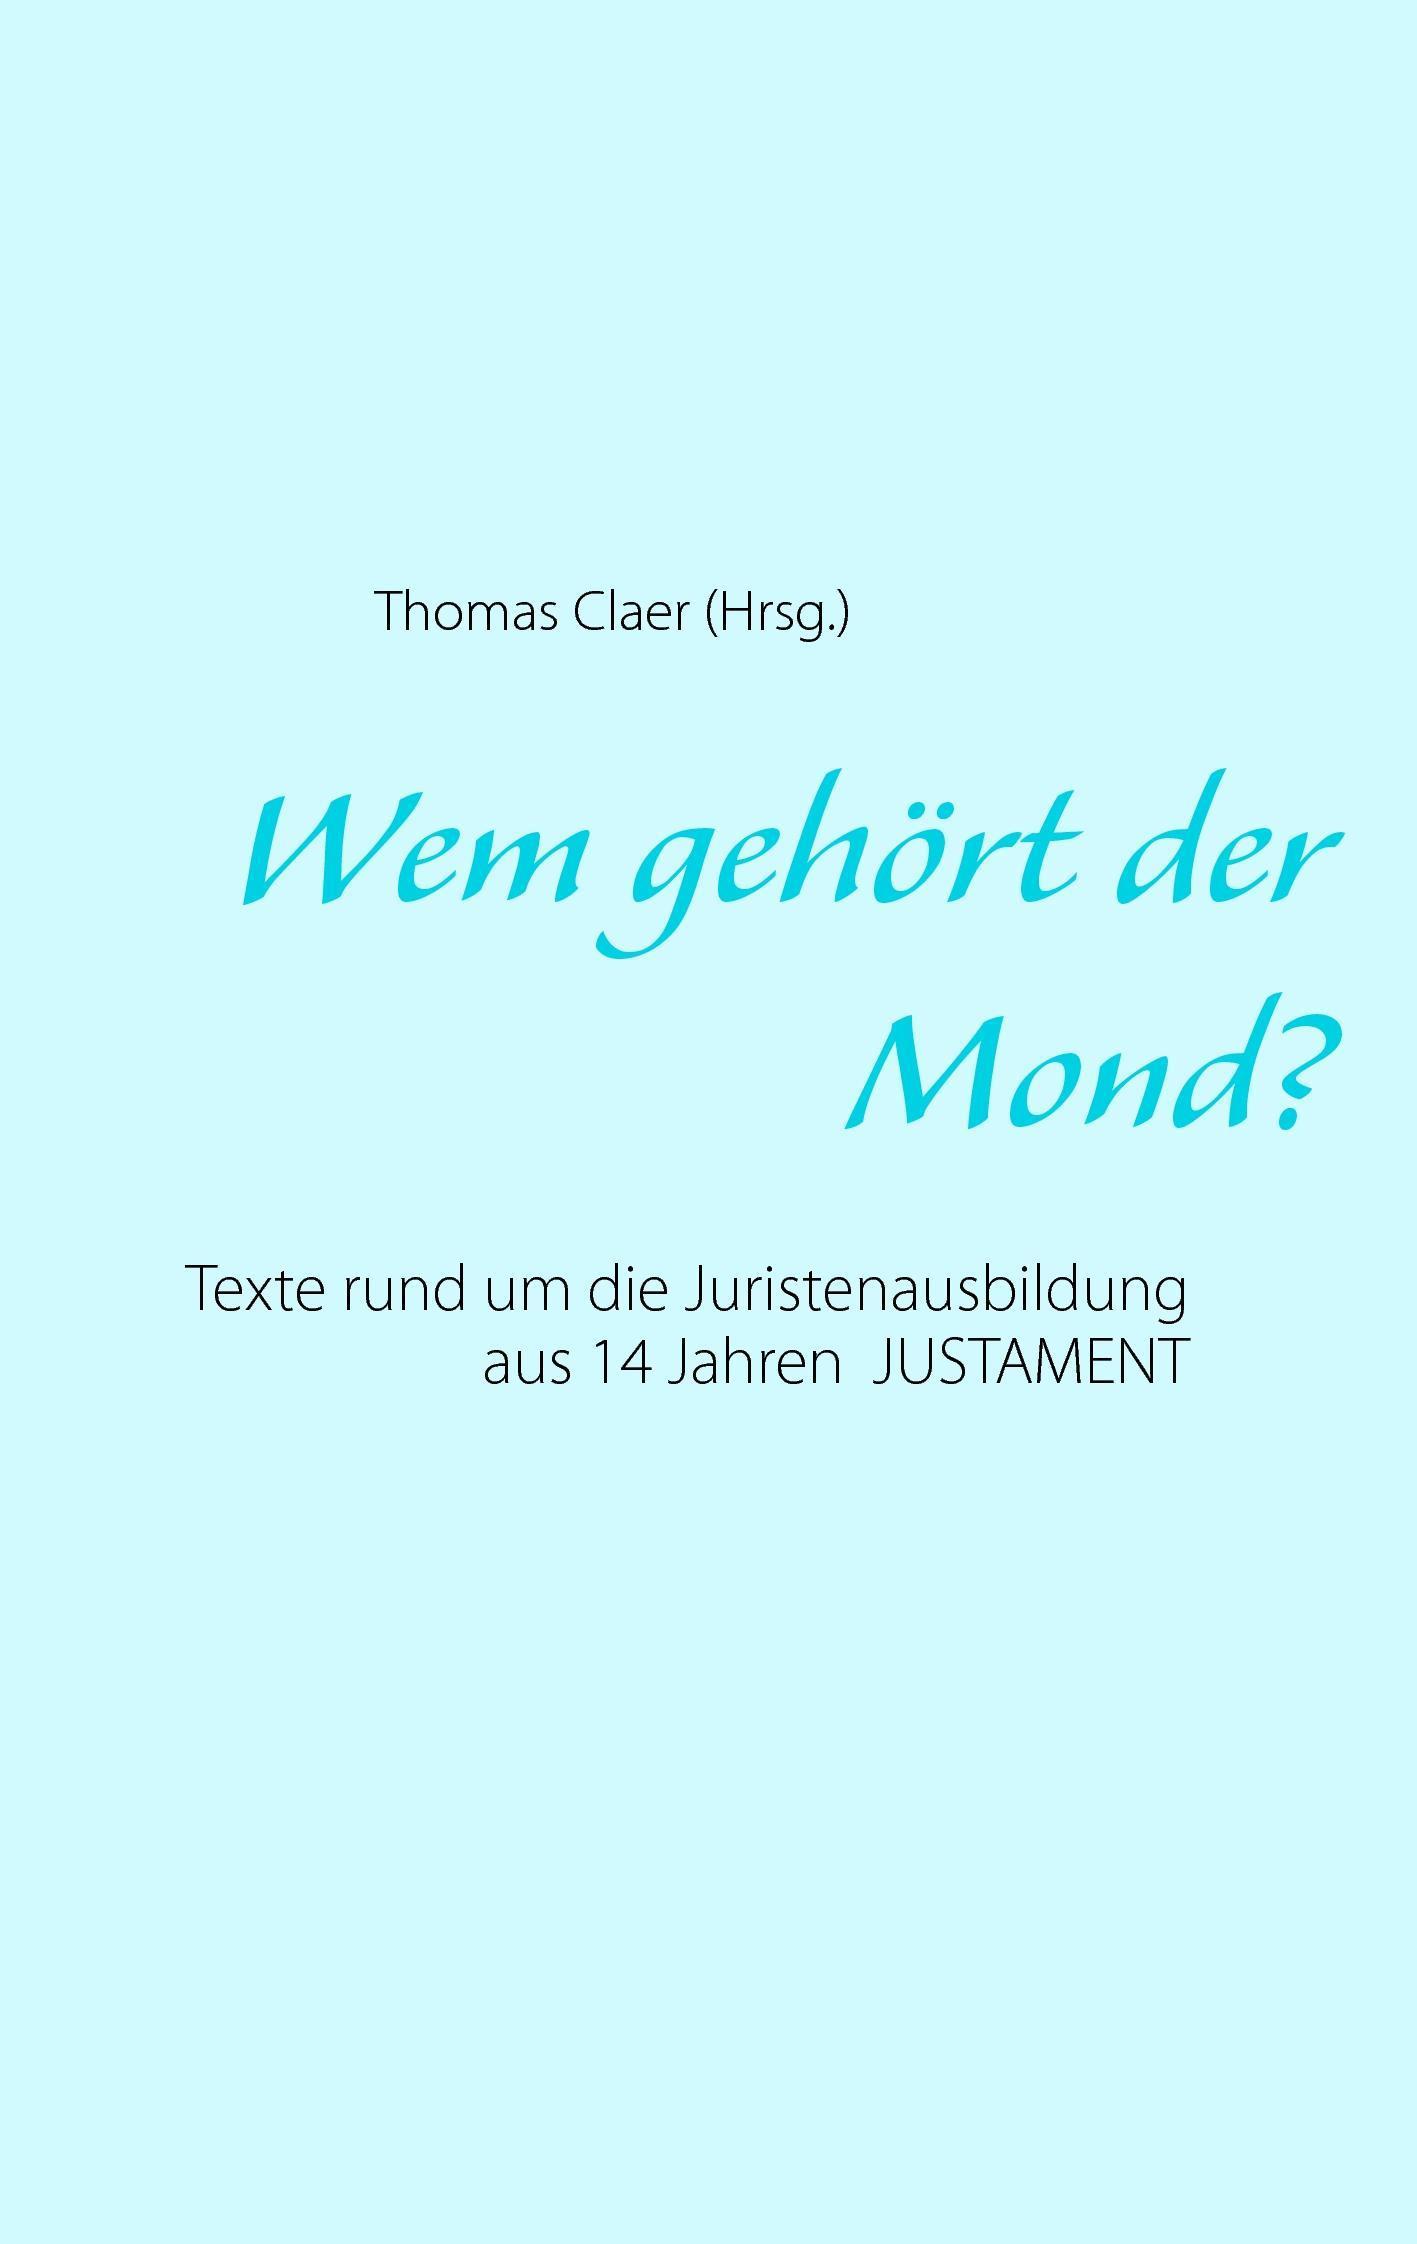 Wem gehört der Mond? Thomas Claer